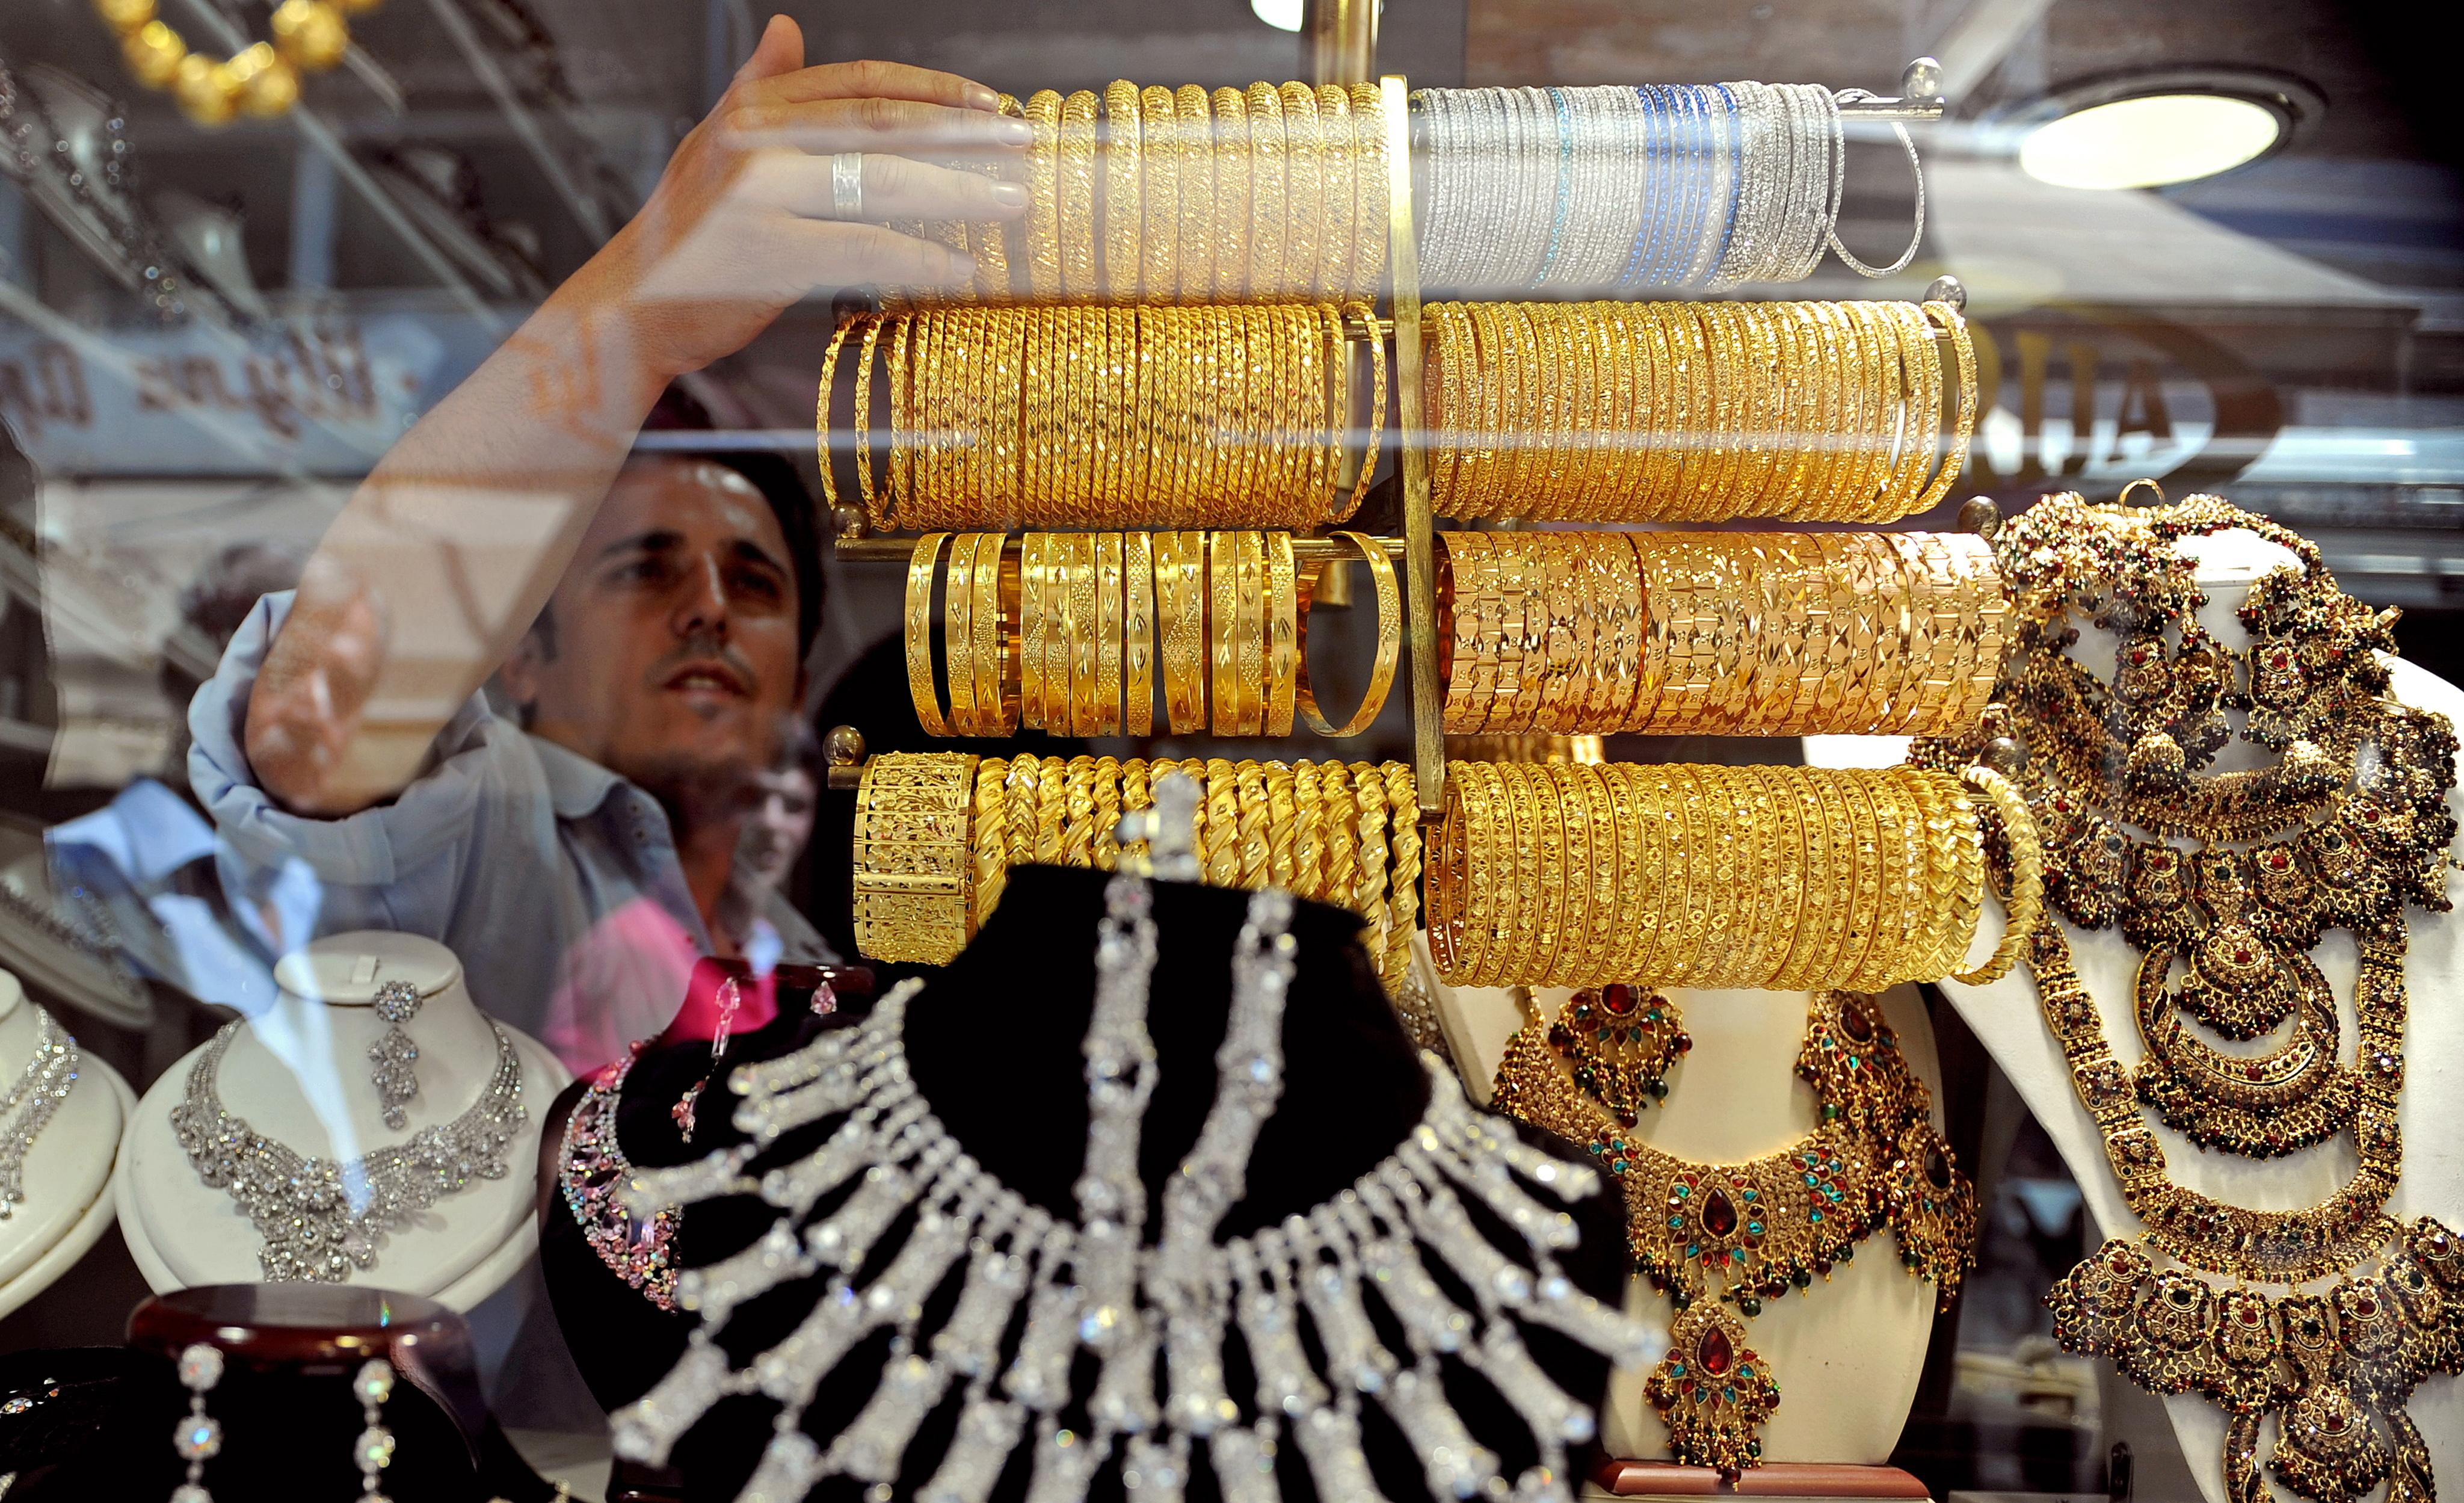 """<p>İç piyasada altın fiyatları Ons fiyatındaki gerileme ile dolar kuruna da bağlı olarak düşüşe geçti. Dün kapanışta 454 lira seviyesinde olan gram altın haftanın son gününde 448 liradan işlem görüyor.<br />Yaklaşık iki haftadır düşüş eğiliminde olan altın, haftanın son gününde 448 liradan işlem görüyor. Dolar/TL paritesi ve küresel piyasalarda Ons fiyatlarının gerilemesinden dolayı iç piyasada da yön aşağı döndü. Şu sıralarda gram altın fiyatı 448 liradan işlem görürken düşüşün devam edeceği öngörülüyor.</p> <p></p> <p><strong>""""Düşüş devam edecek""""</strong></p> <p></p> <p>Atının düşüşü ile birlikte vatandaşın altına talebi arttığını söyleyen kuyumcu esnafı, gram altın, çeyrek altın, yarım altın ve Cumhuriyet altının talep gördüğünü belirtti.<br />Altın fiyatlarının düşüşe geçtiğini belirten kuyumcu Serkan Tunçbilek, """"Altın güne 450 seviyesinden başladı. Dün ise kapanışı 454 ile yapmıştı. Altında ki düşüşün en büyük sebebi ABD'deki belirsizlikten kaynaklanıyor. Bunun yanında aşı haberlerinin gelmesi, vaka sayılarının düşmesi ve altının Ons fiyatının da gerilemesi etkili oluyor. Bu düşüş devam edebilir ancak yaz ayının ve düğün sezonun açılmasıyla 500 TL'nin üzerinde ivme bekleniyor. Gram altının şu anda fiyatı 450 TL, çeyrek altın 740 TL, yarım altın bin 480 TL, Cumhuriyet atını da 3 bin 20 TL'den satılmakta. Altın fiyatlarının düşmesiyle çeyrek, gram ve Cumhuriyet altınına yoğun talep var"""" şeklinde konuştu.</p>"""